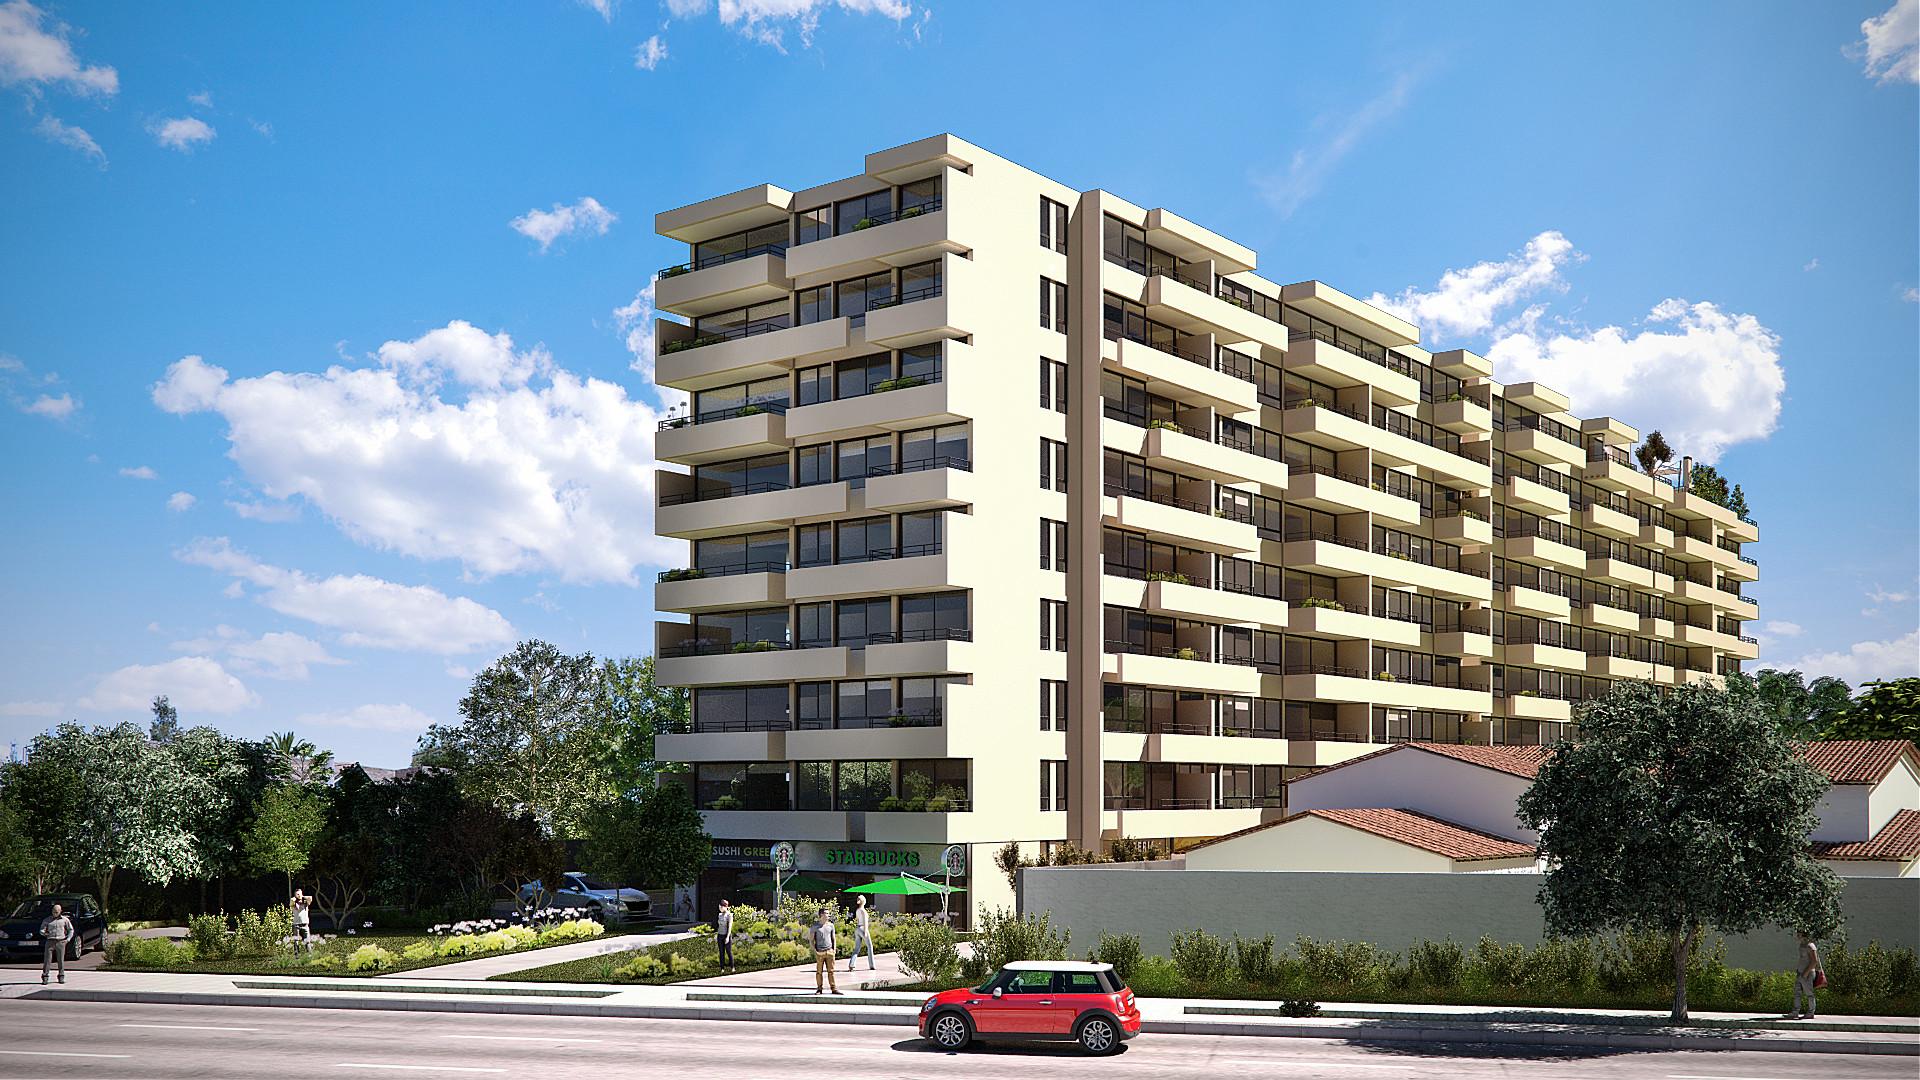 EDIFICIO HABITACIONAL VISTA LA FLORIDA   Servicio: Gerencia de Proyectos. Cliente: IRC Inmobiliaria. Constructora: Lo Campino. M2 Construidos: 10.100.